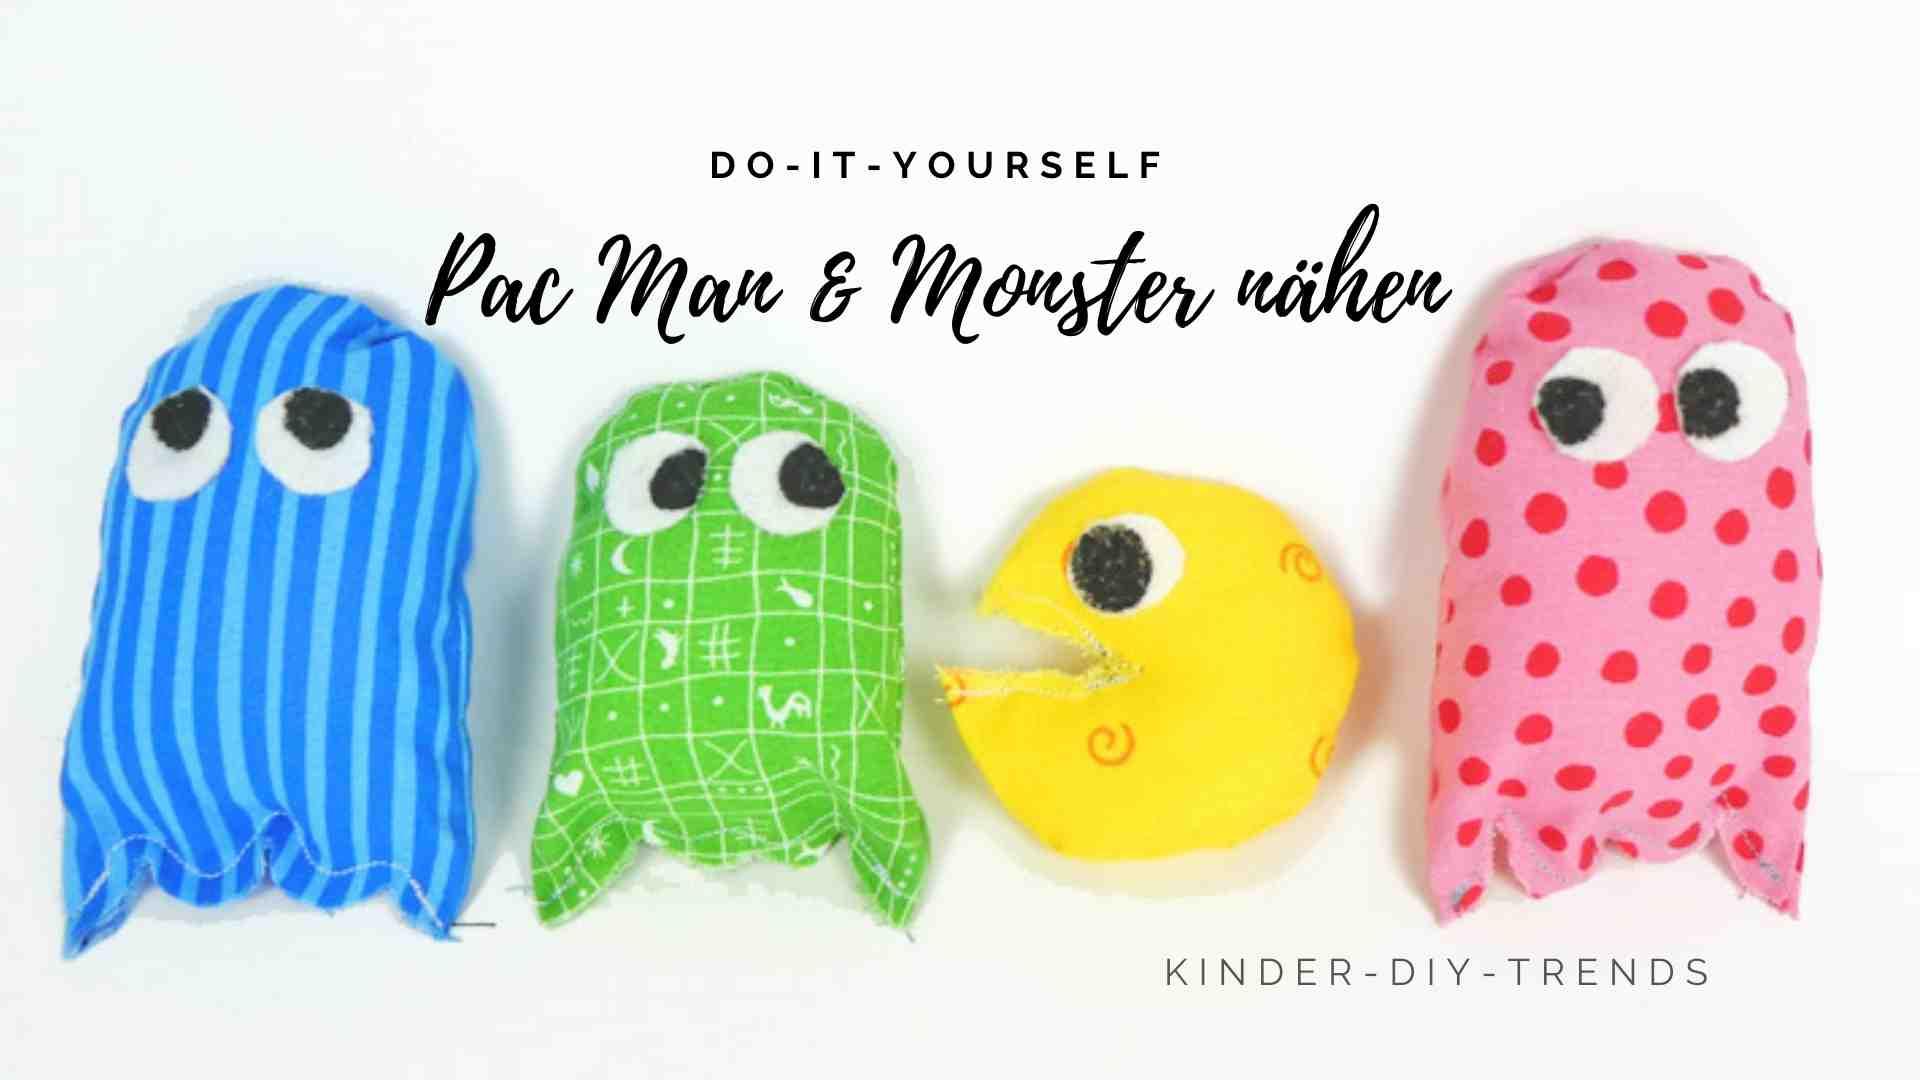 Kreative Geschenkideen für Kinder: Monster nähen (Pac Man)